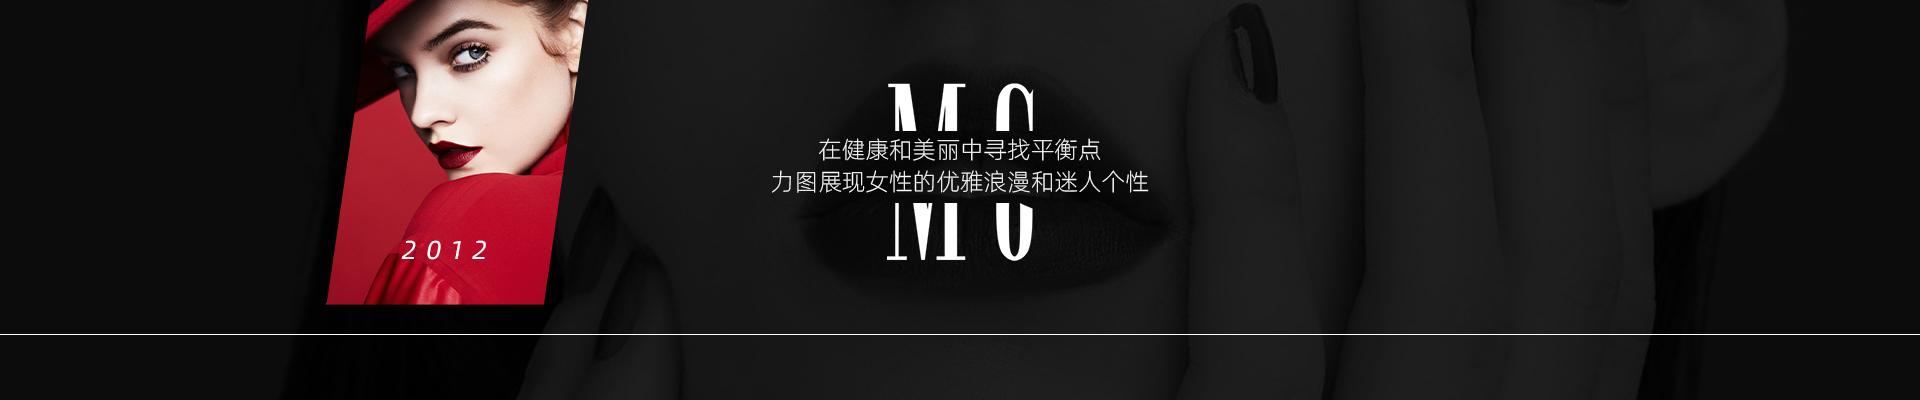 深圳市魅寇化妆品有限公司官网,MY COLOUR,专业彩妆品牌,不同色彩的眼影、唇膏、唇彩、粉底等彩妆产品。